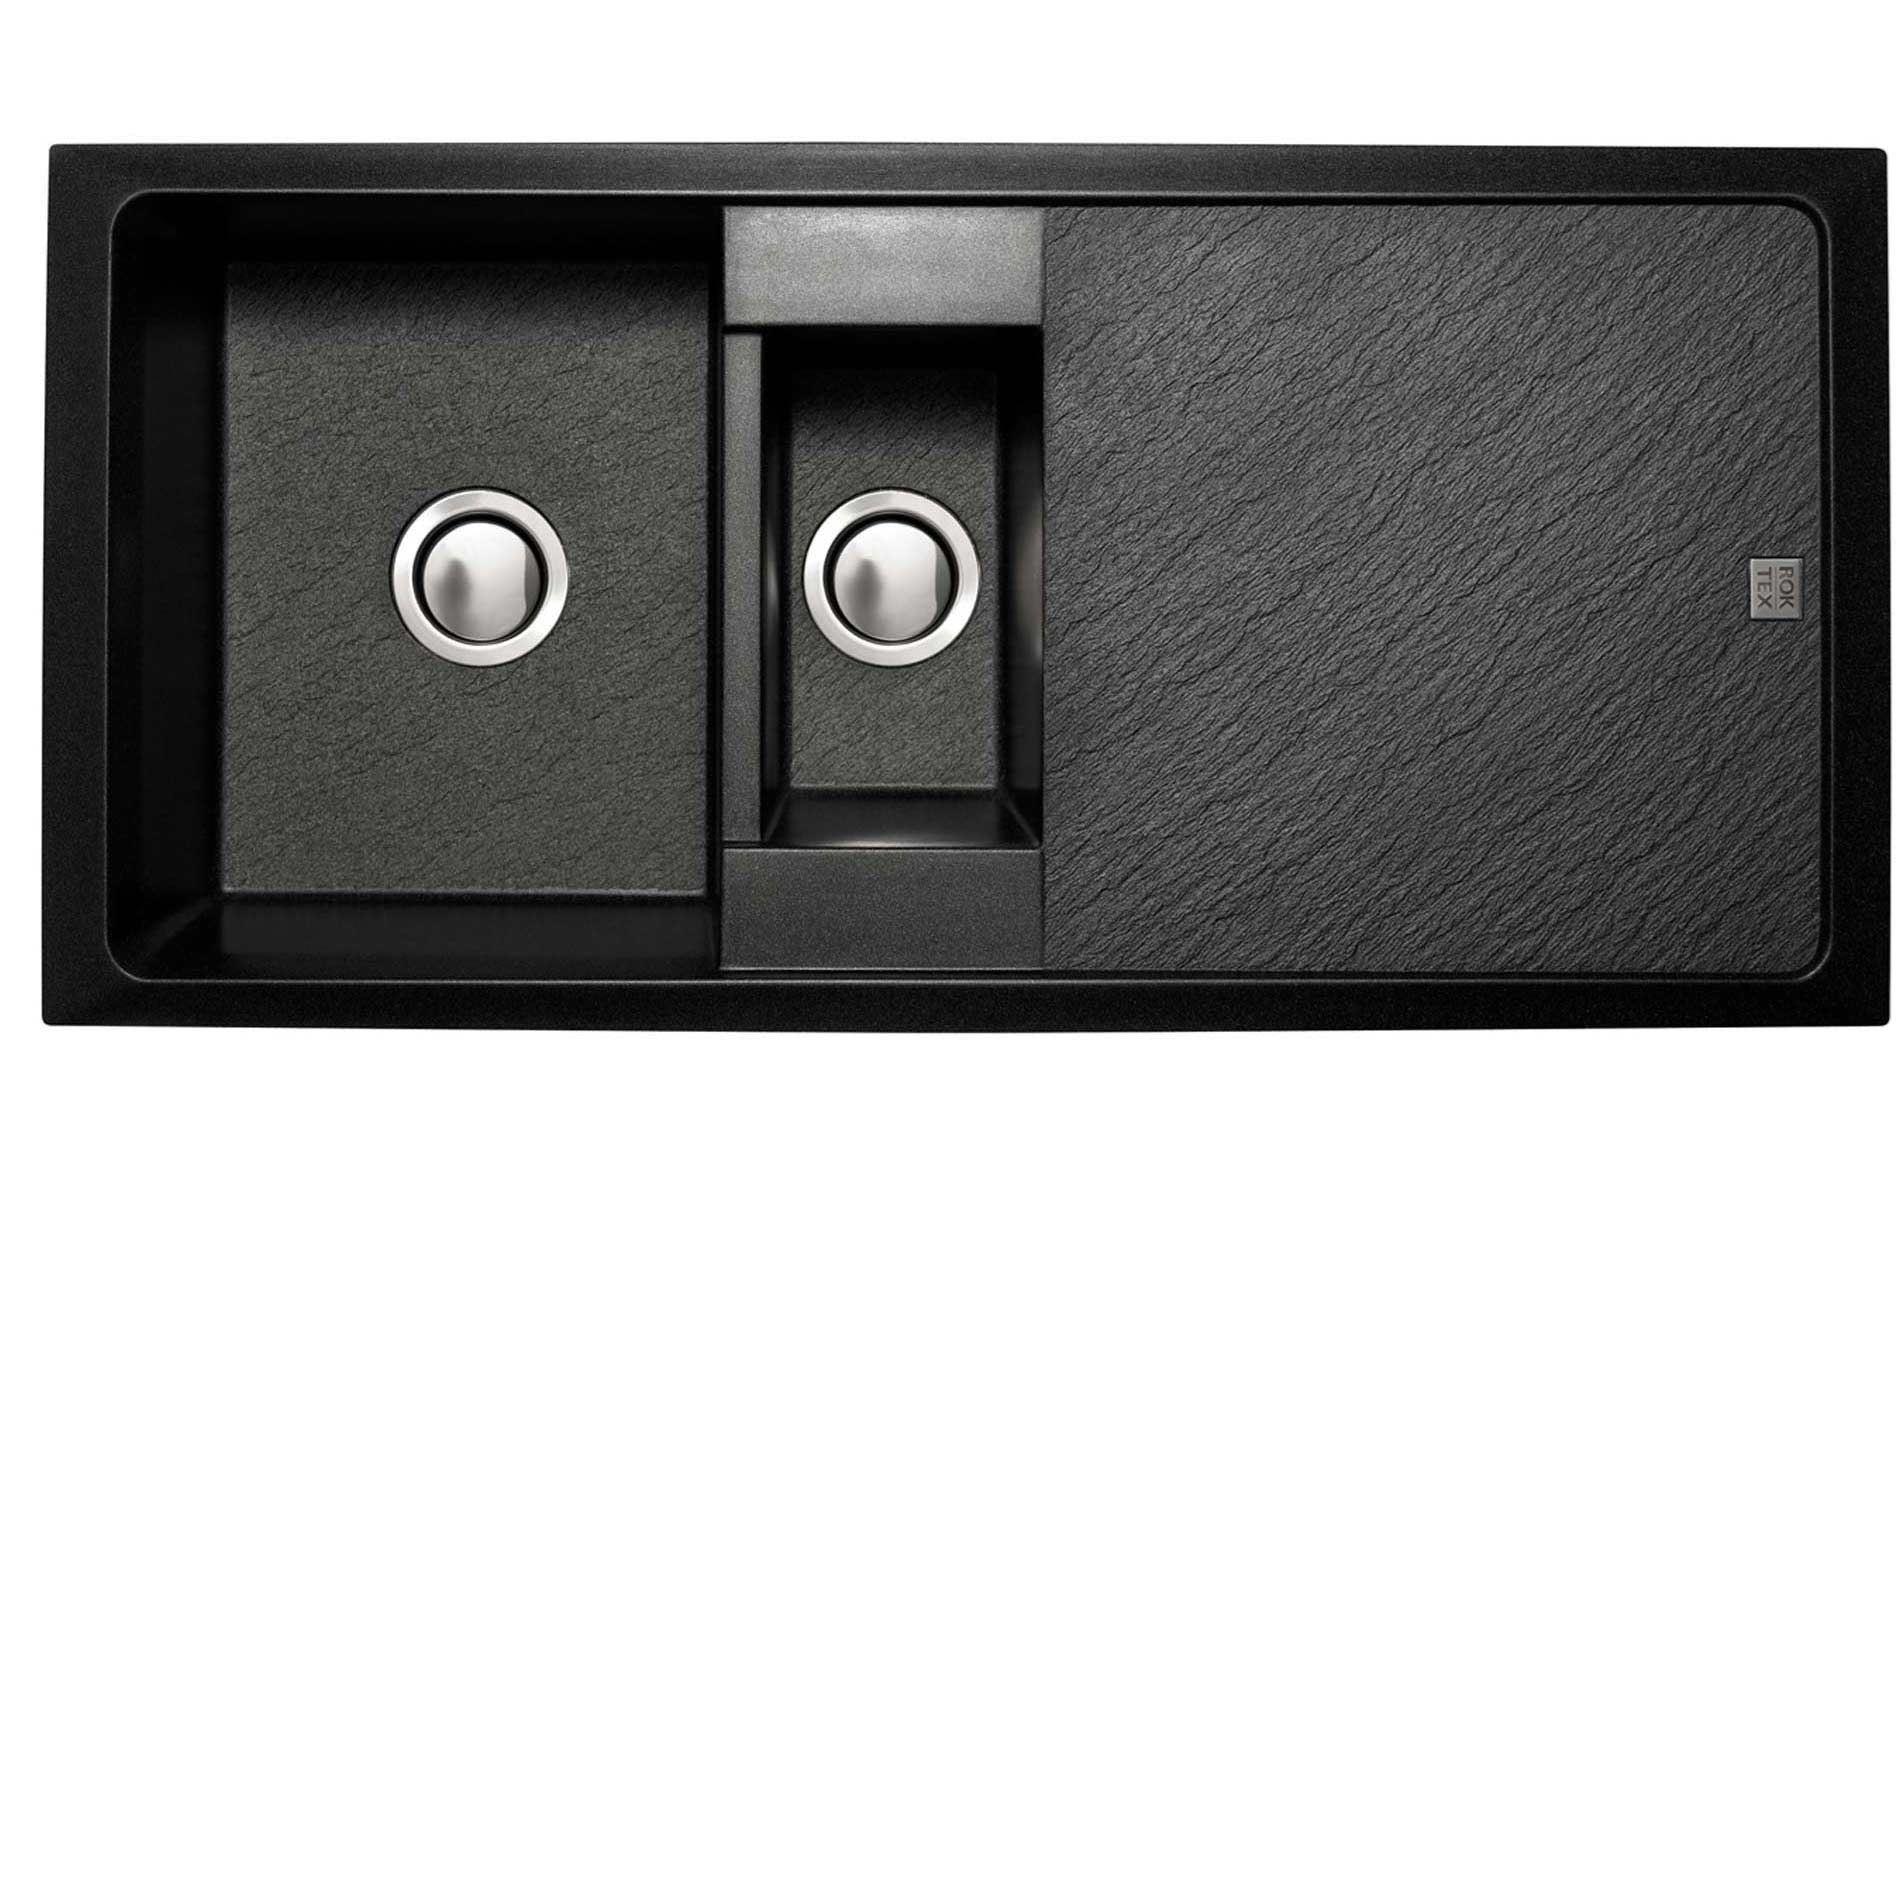 Rok Granite Sinks : Astracast: Rok Tex Contour 1-5 Granite Sink - Kitchen Sinks & Taps